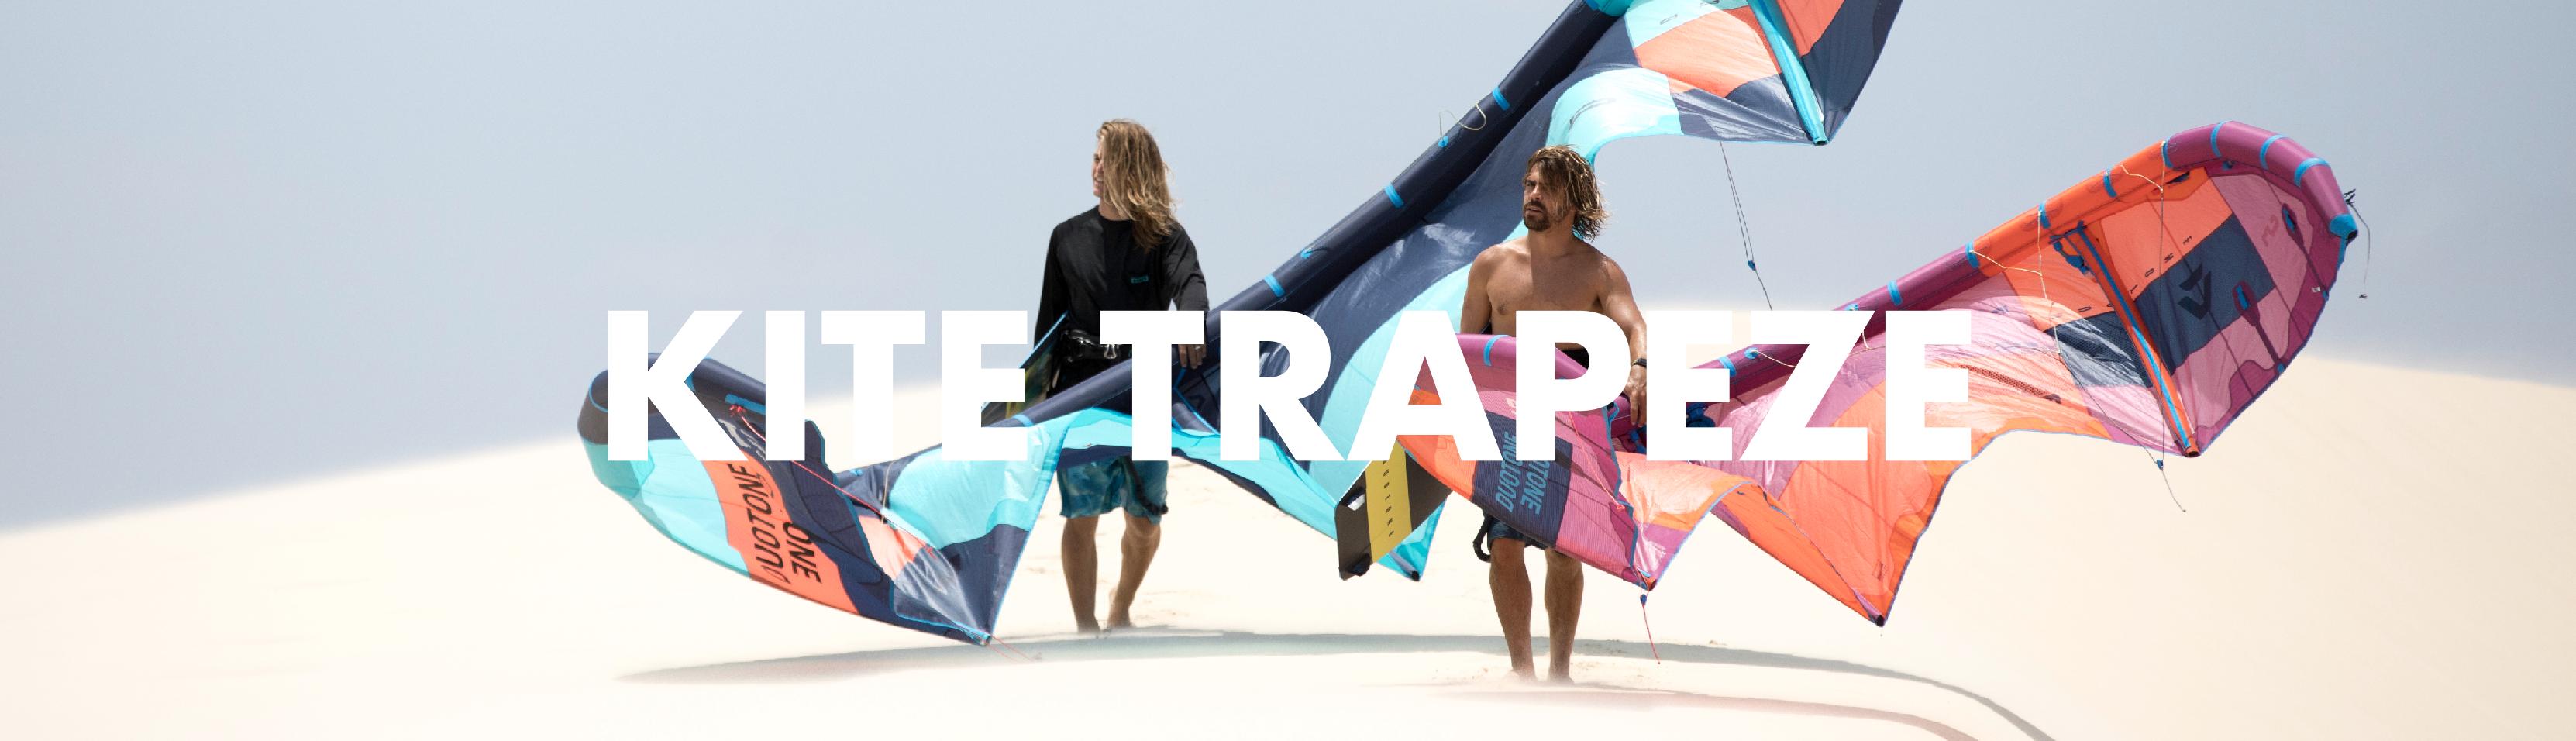 Kitesurf Trapeze - Surf og ski Horsens